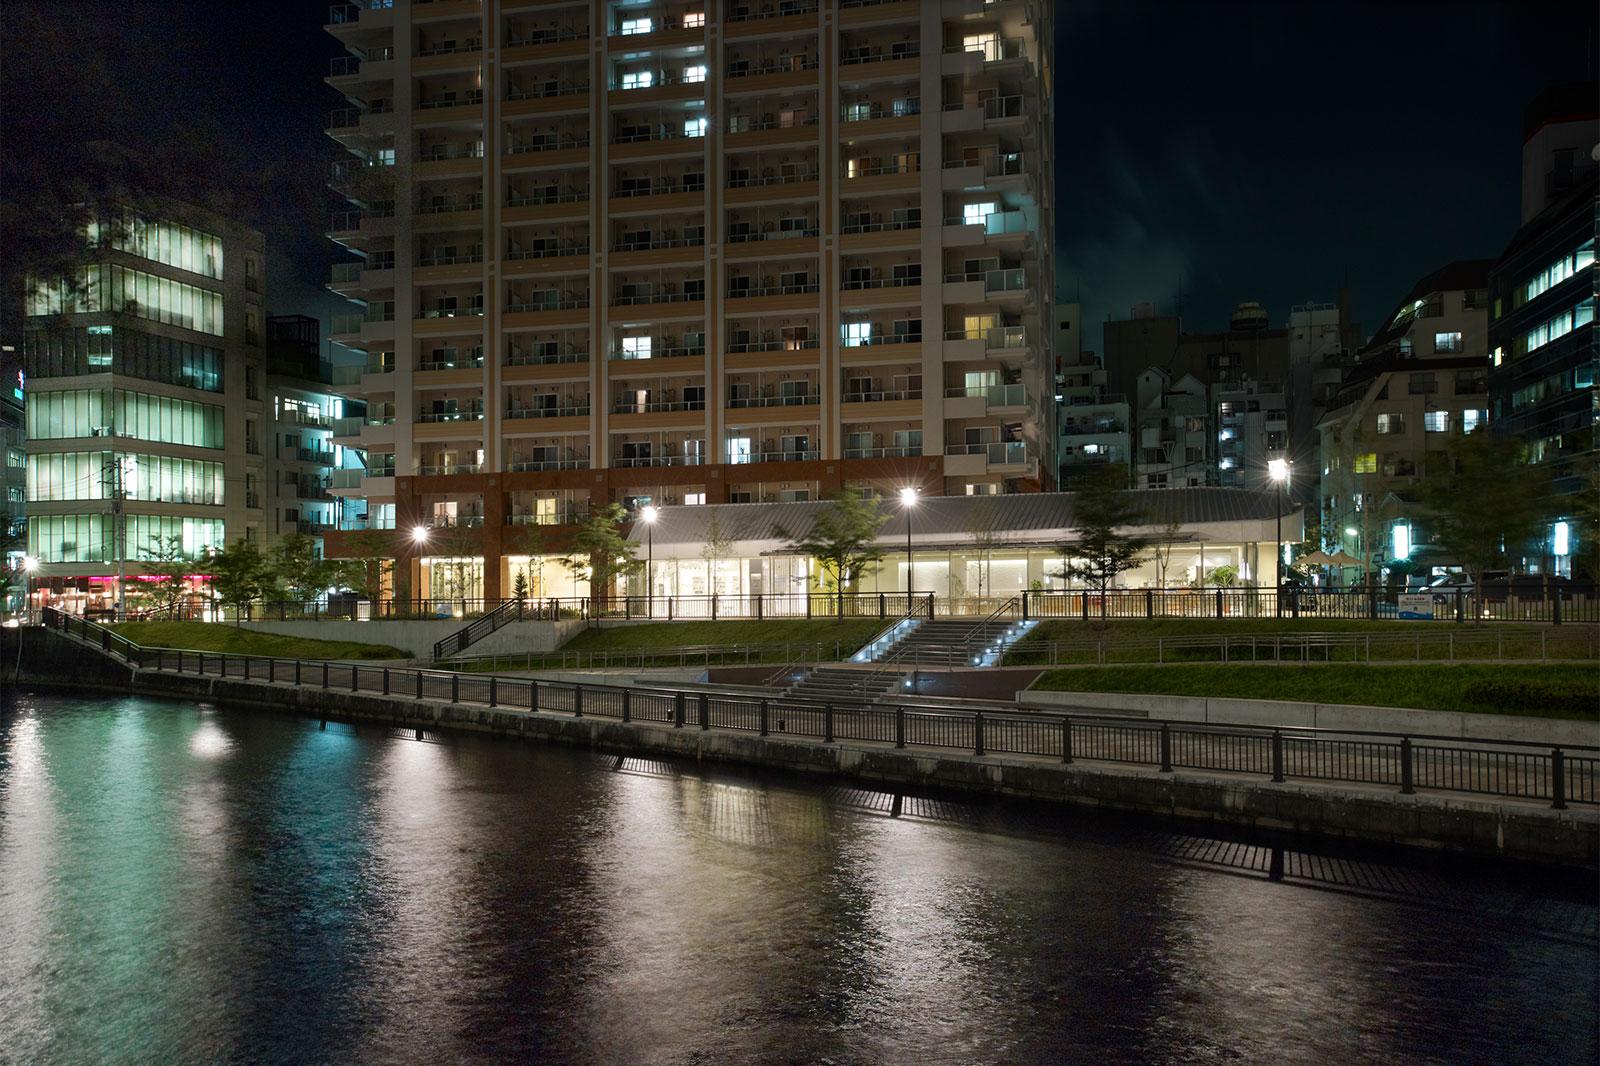 五反田ふれあい水辺広場